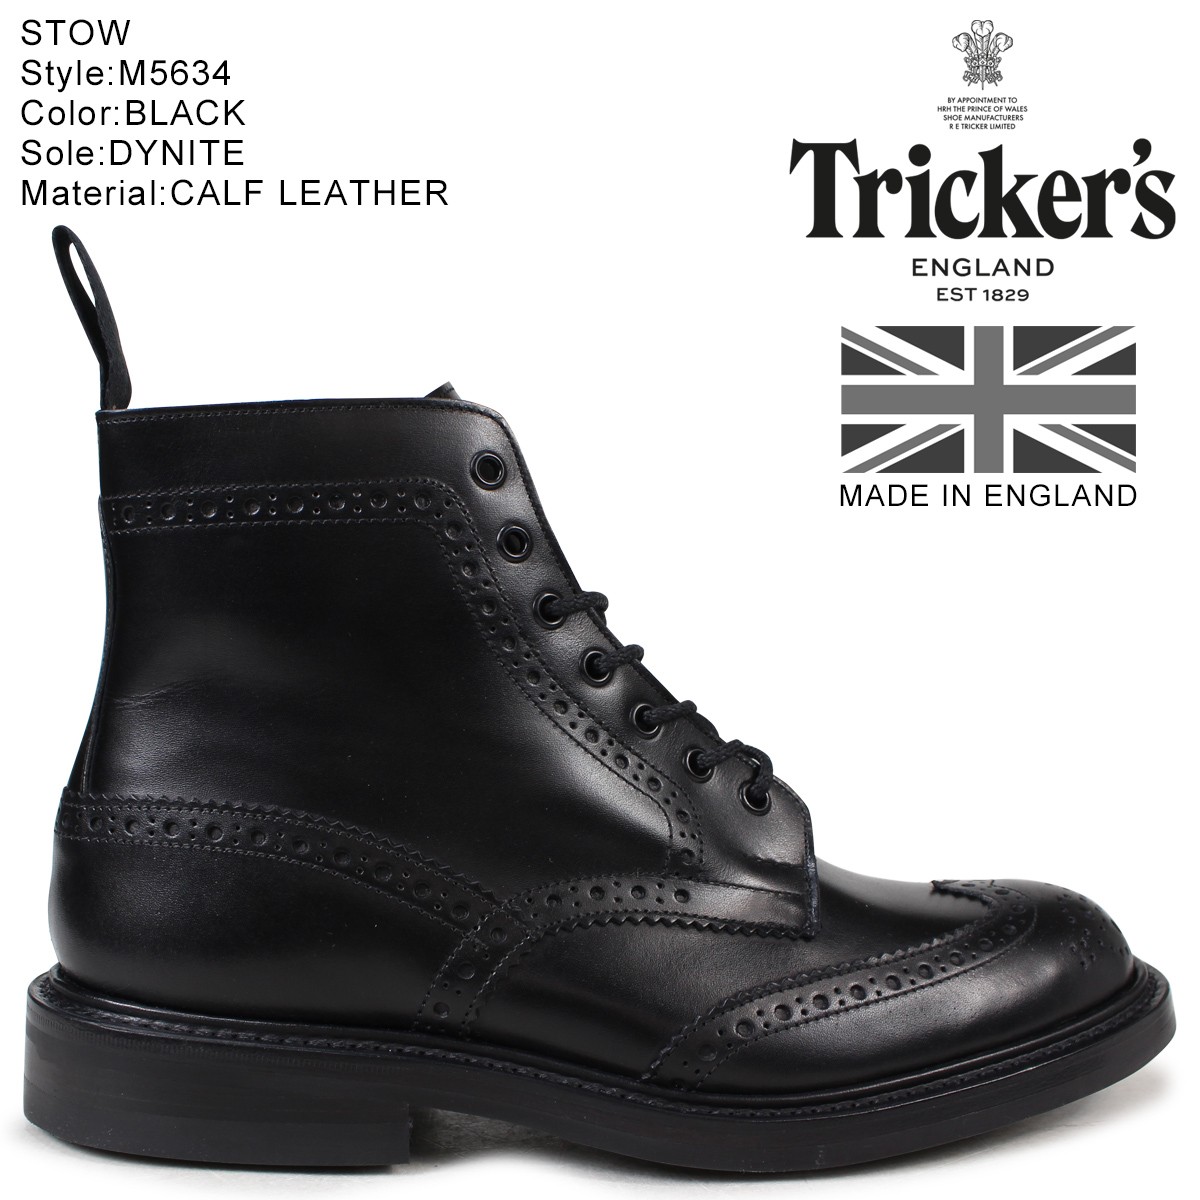 Trickers トリッカーズ カントリーブーツ STOW M5634 5ワイズ メンズ ブラック 黒